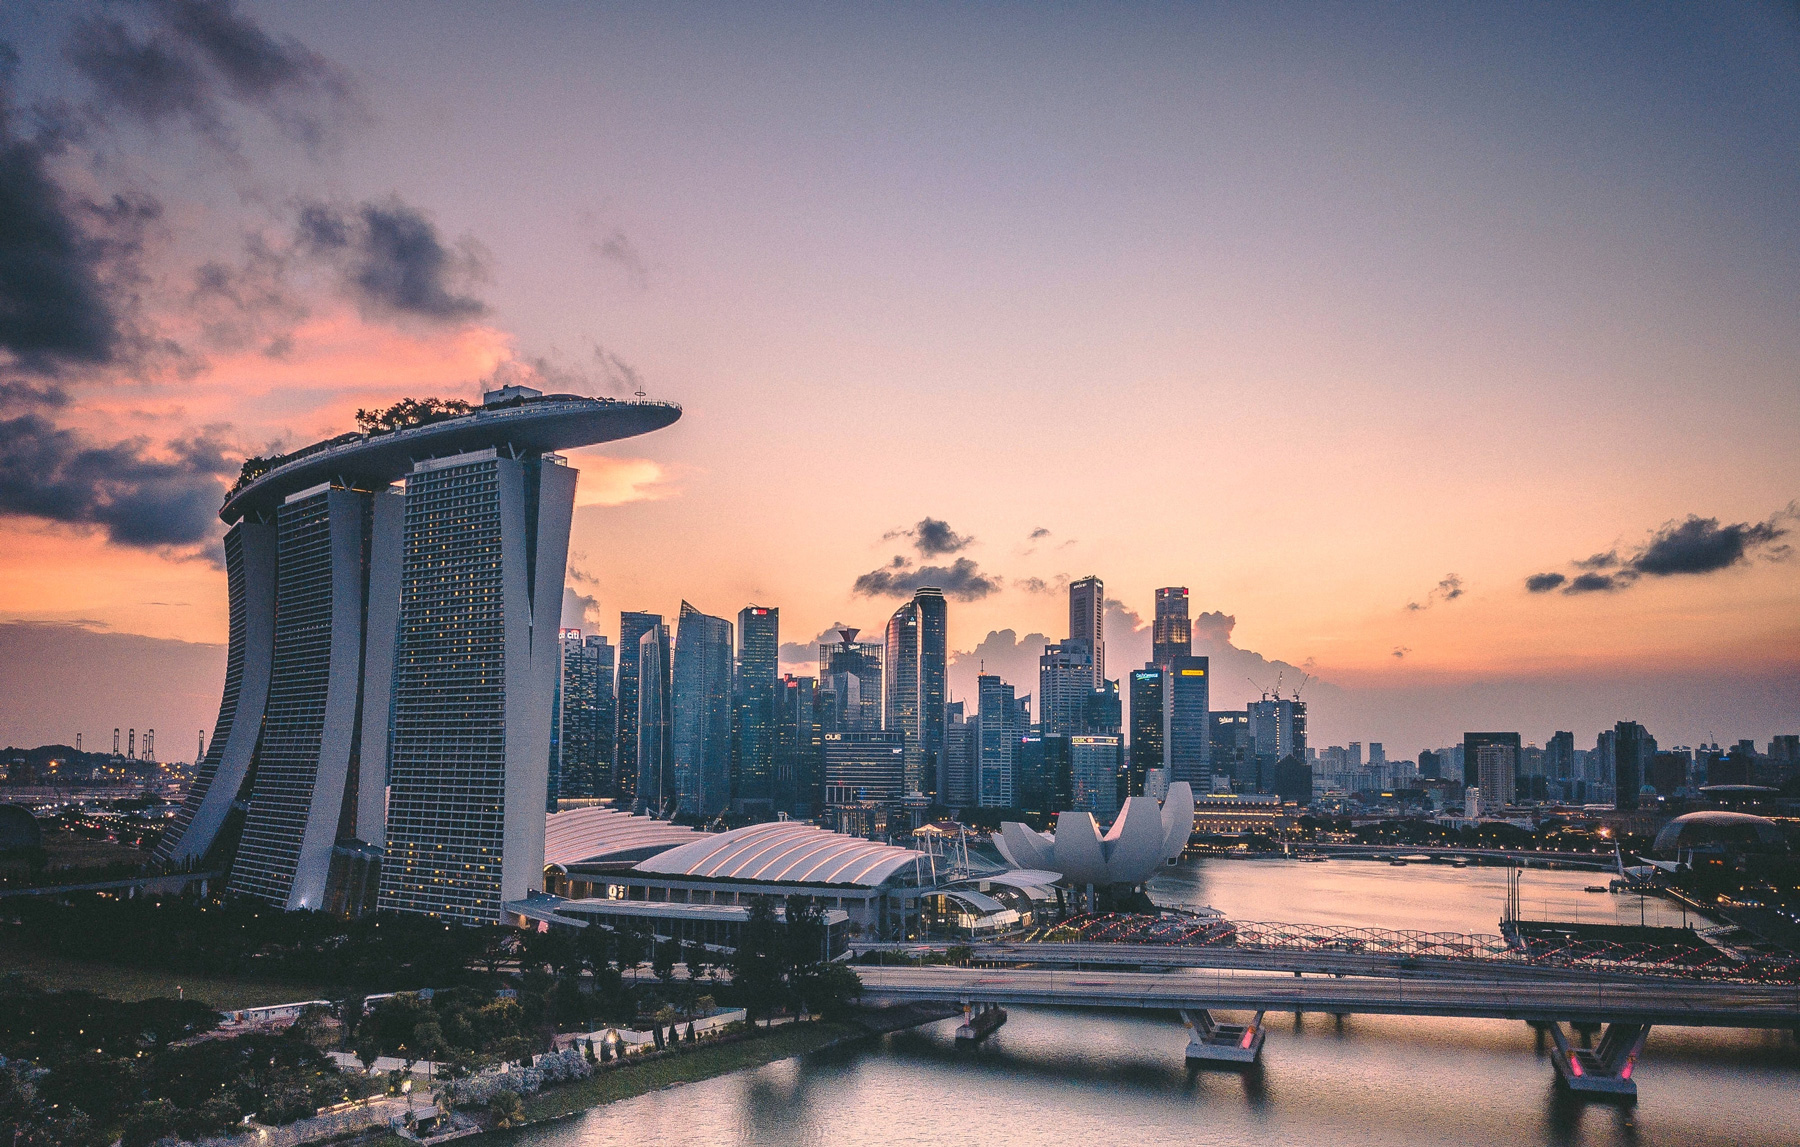 Singapura  - Singapore 1 55